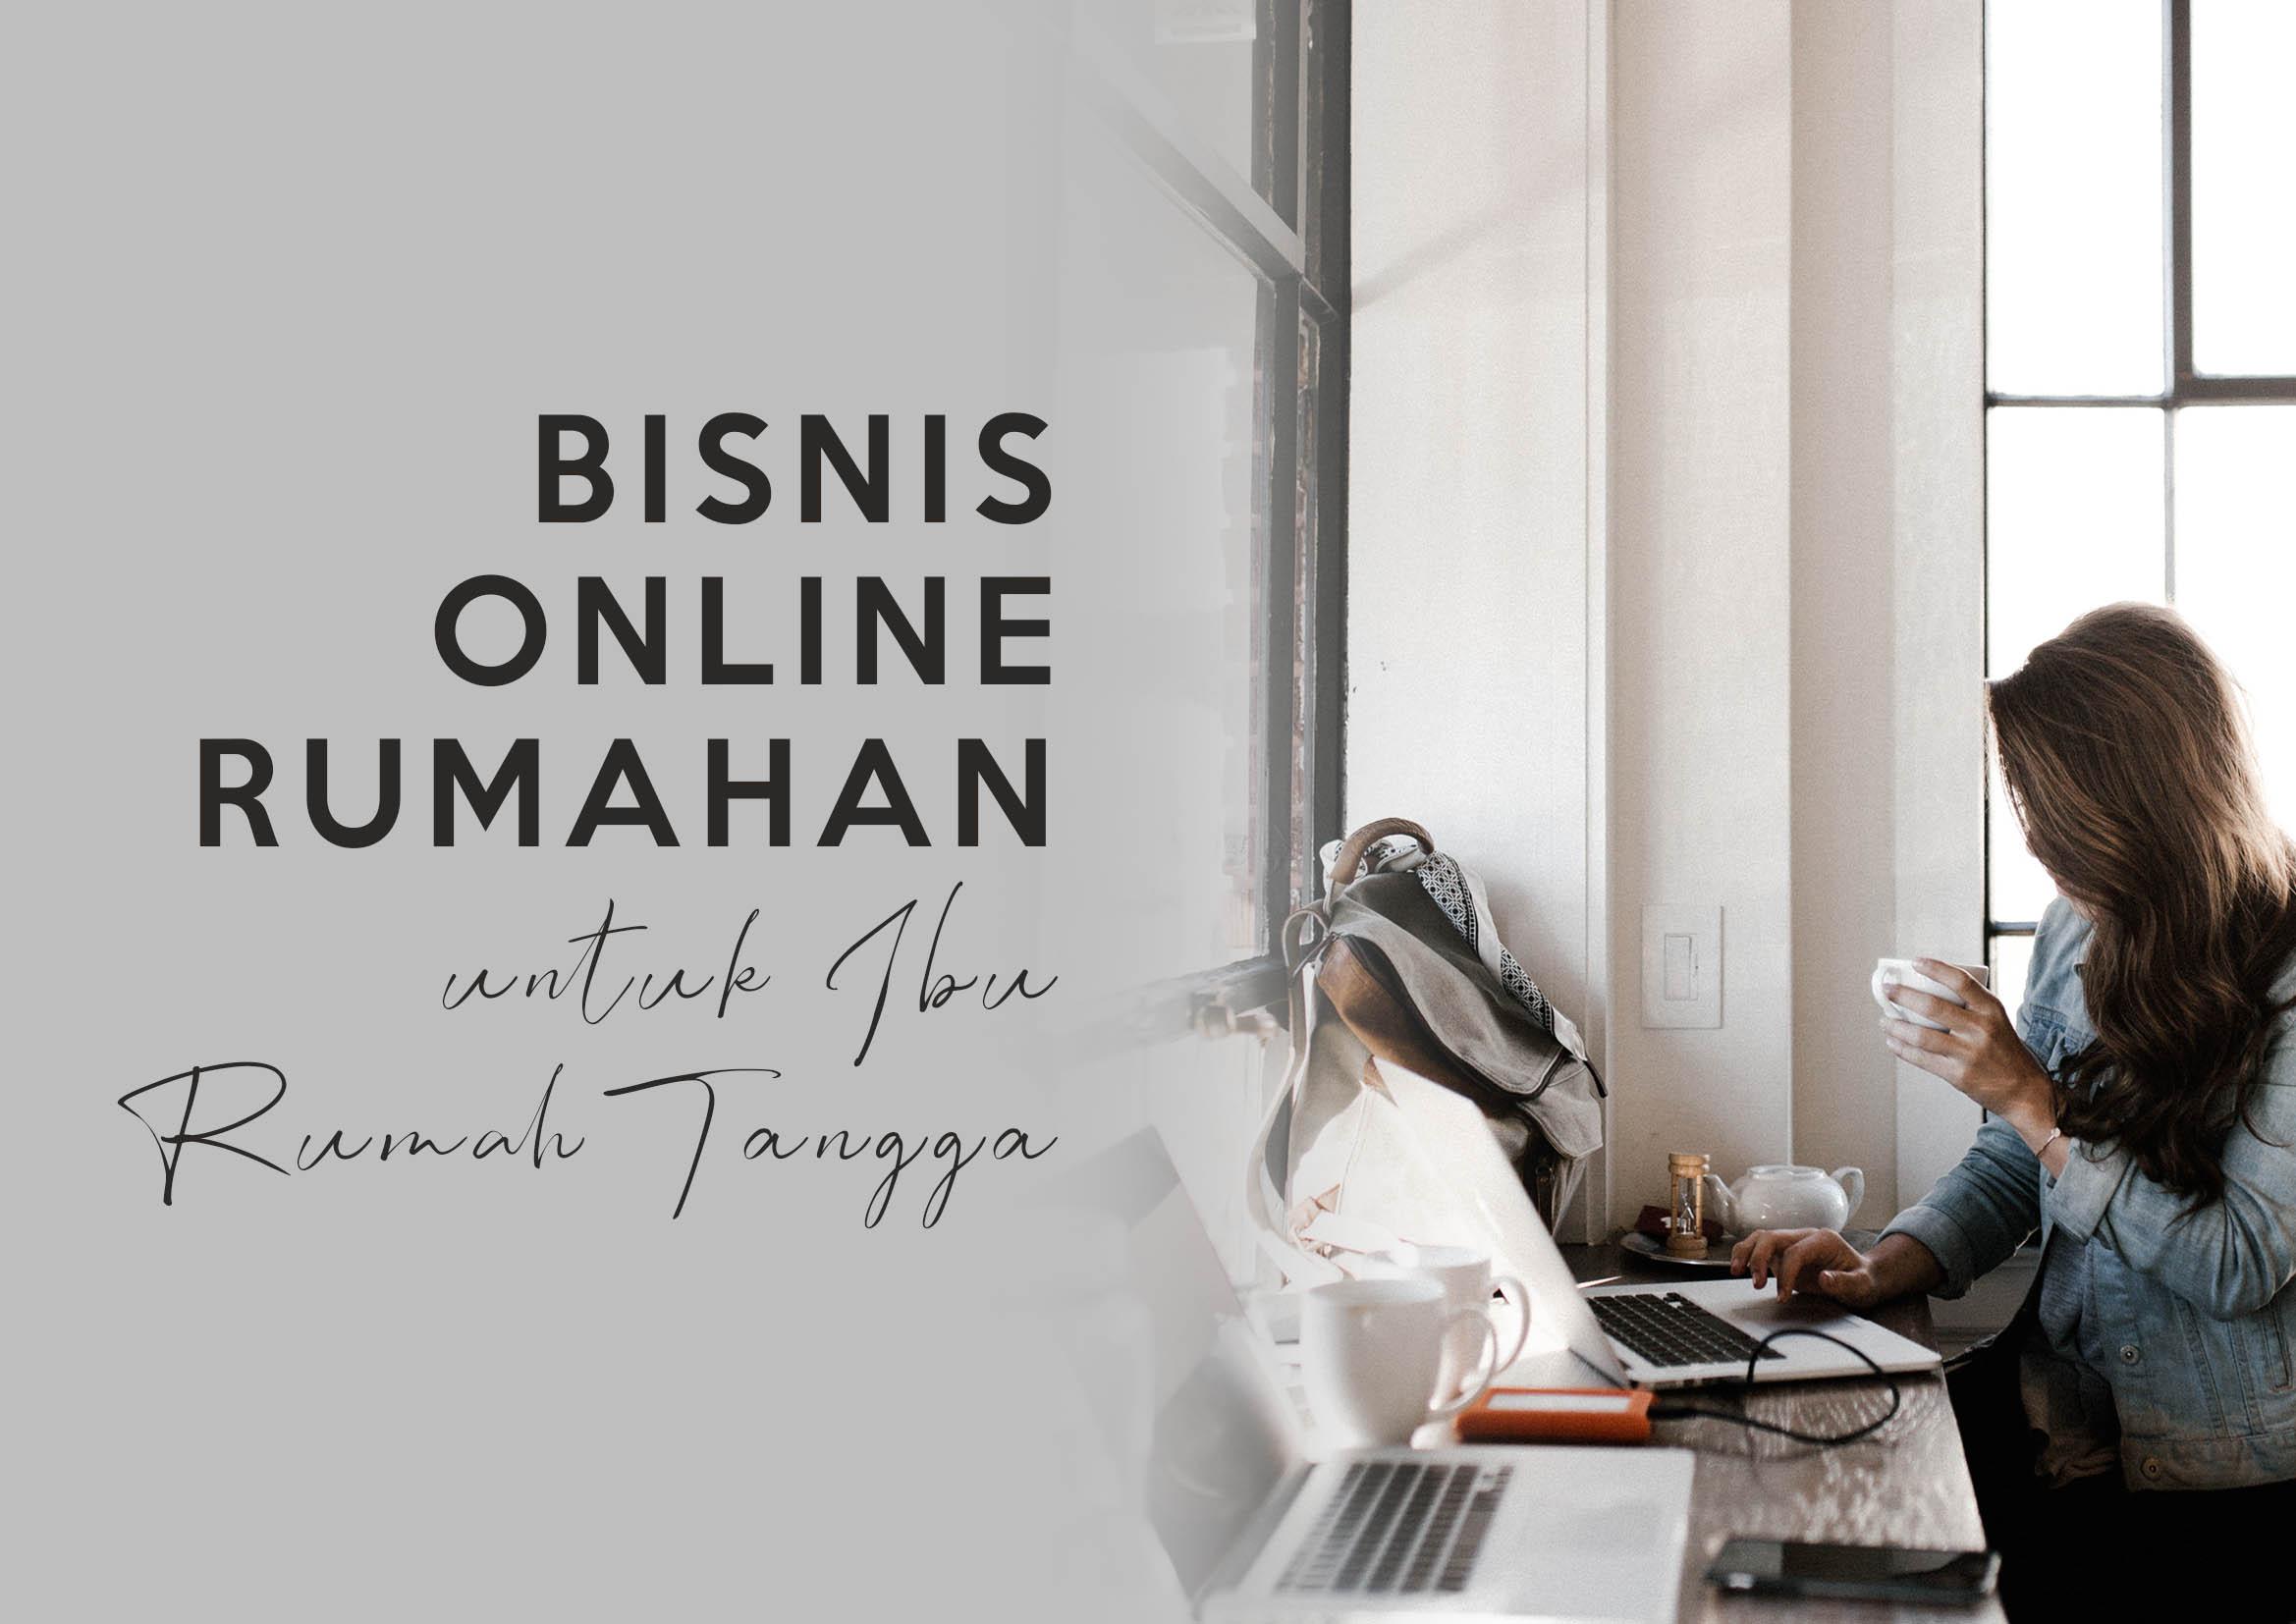 Bisnis Online Ibu Rumah Tangga dengan Modal Kecil - Blog ...